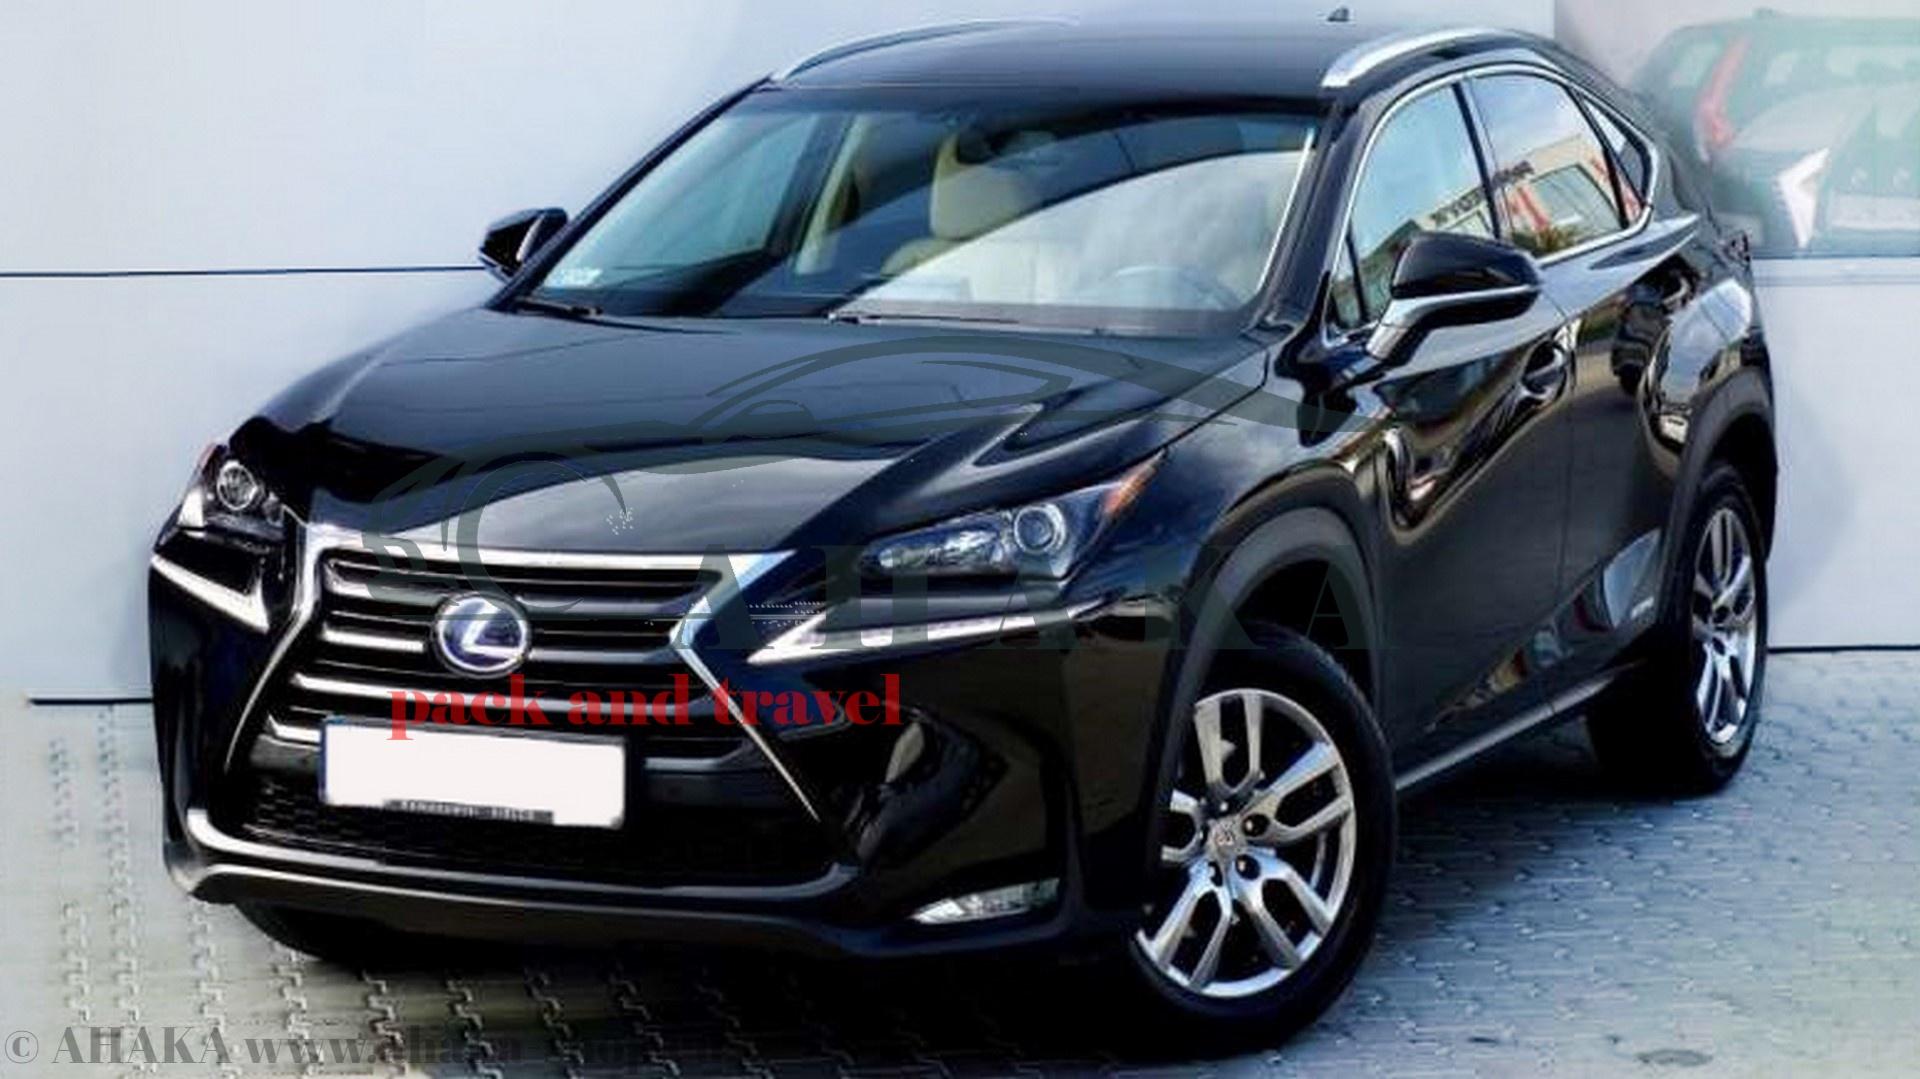 Für Lexus RX 400 H 2005-03.2009 AUTO HAK Anhängerkupplung abnehmbar neu